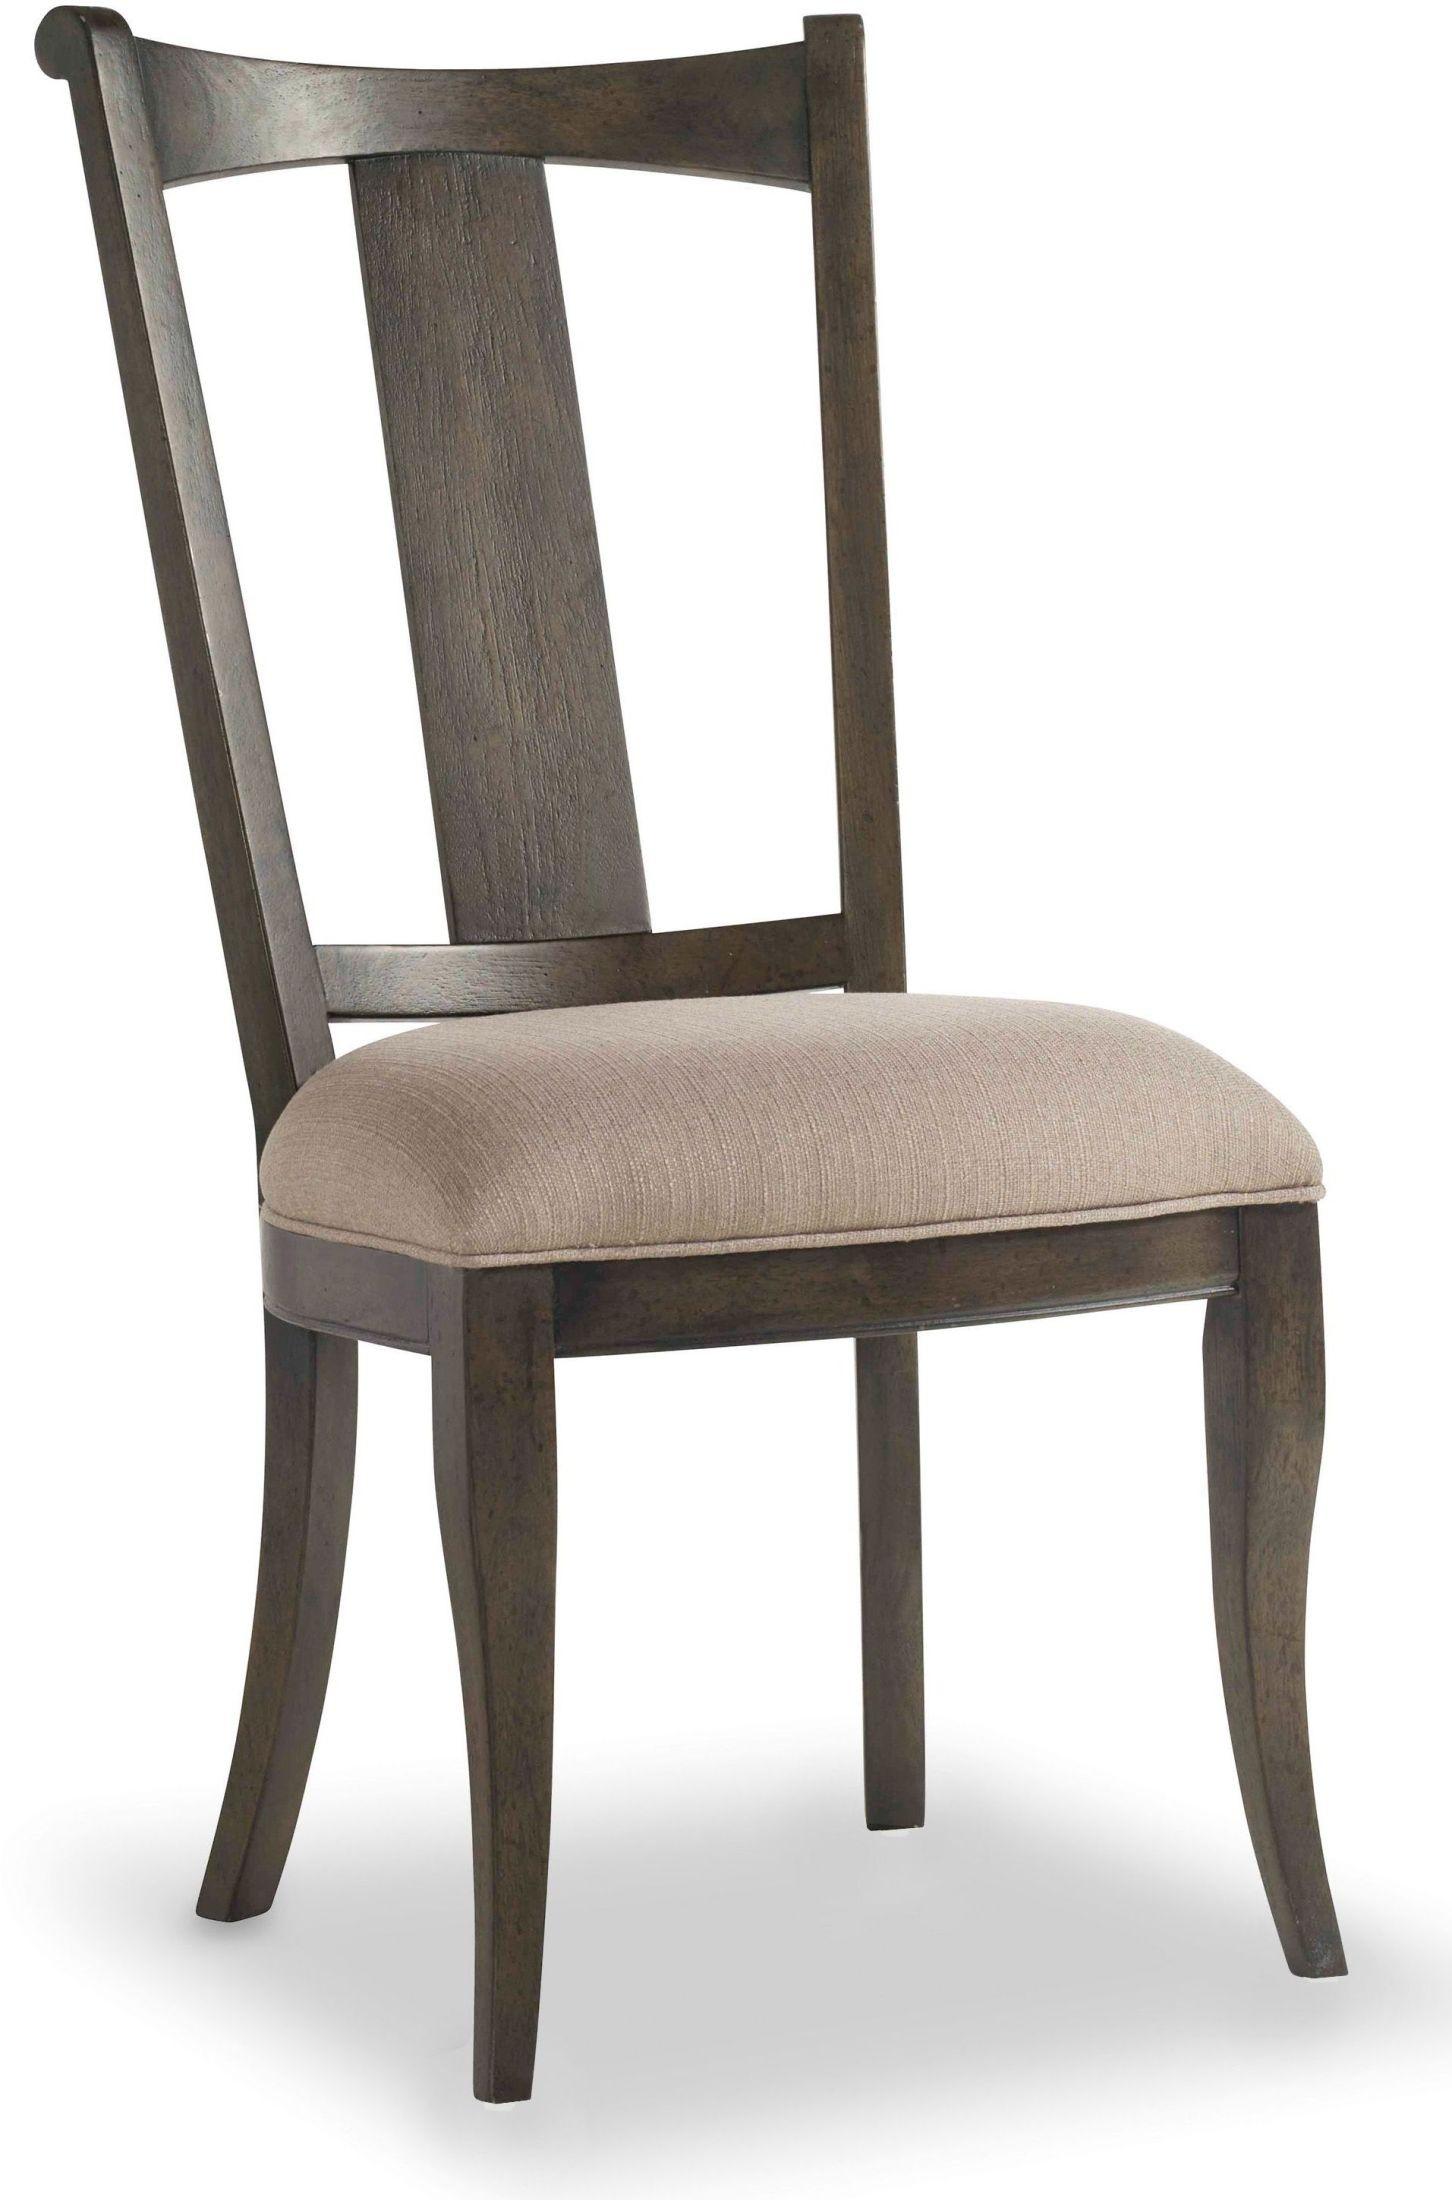 Vintage West Charcoal Gray Upholstered Splatback Side Chair Set Of 2 5700 75